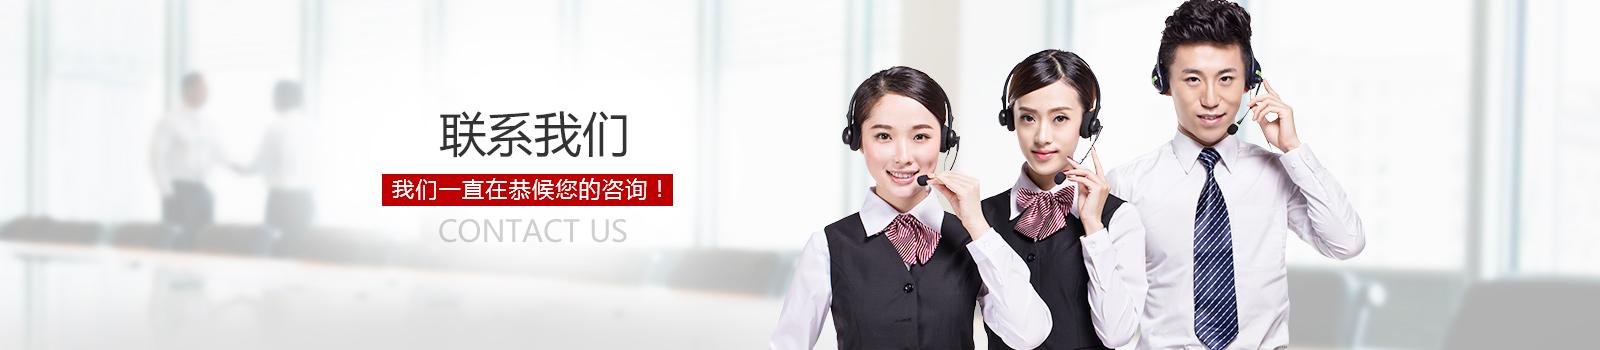 济南珍彩轩广告印务有限公司